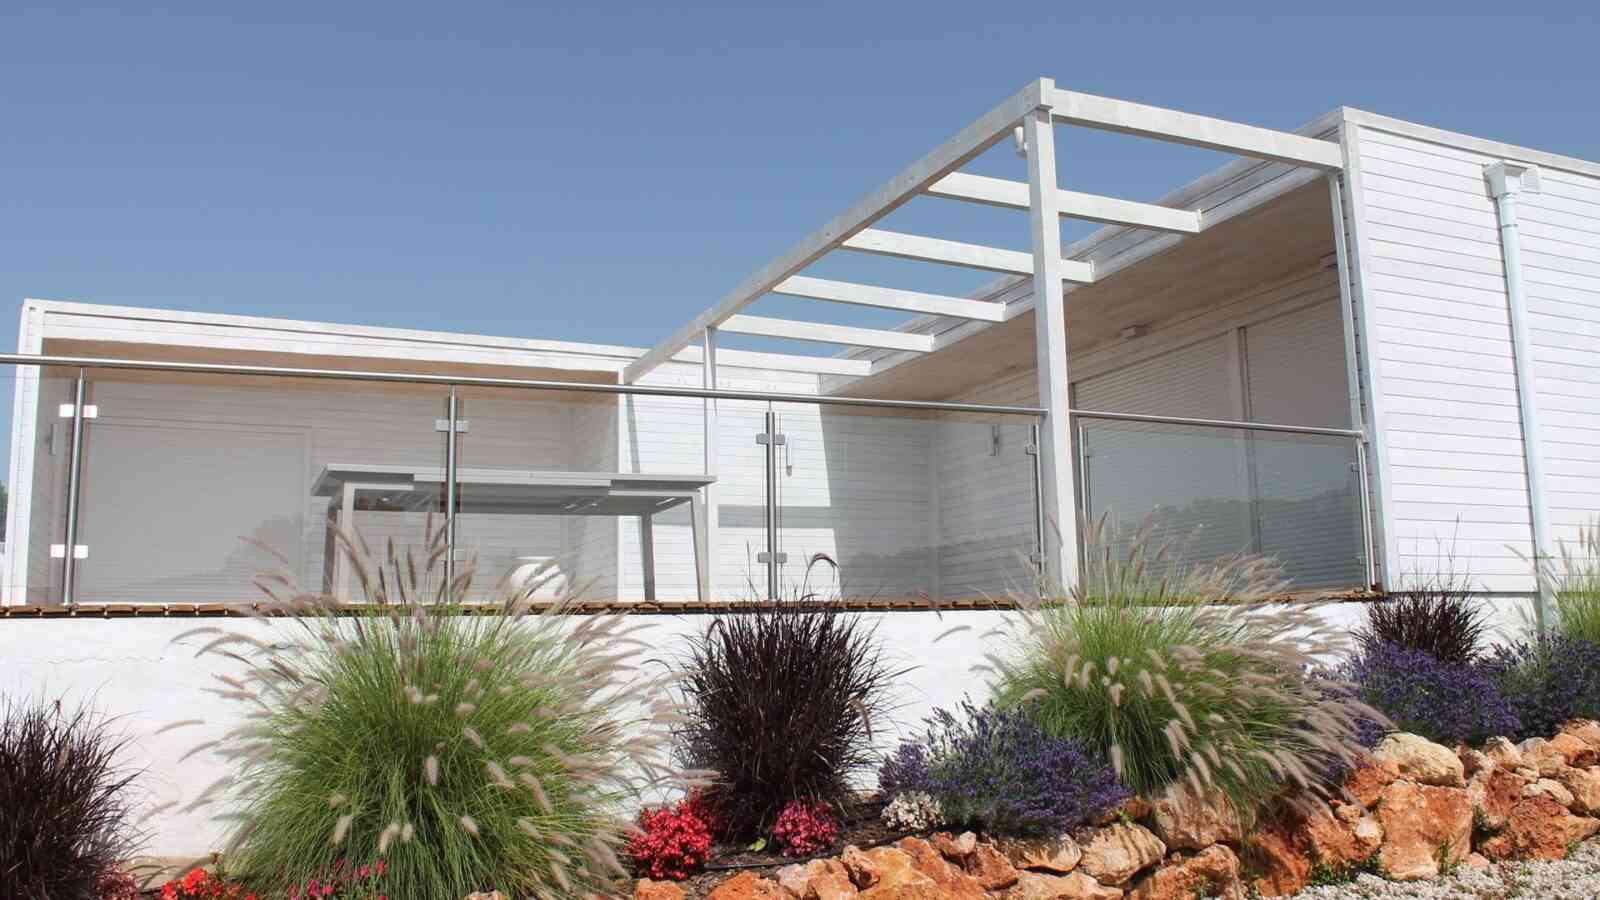 Casa de madeira modelo Modular 412m², em Portugal